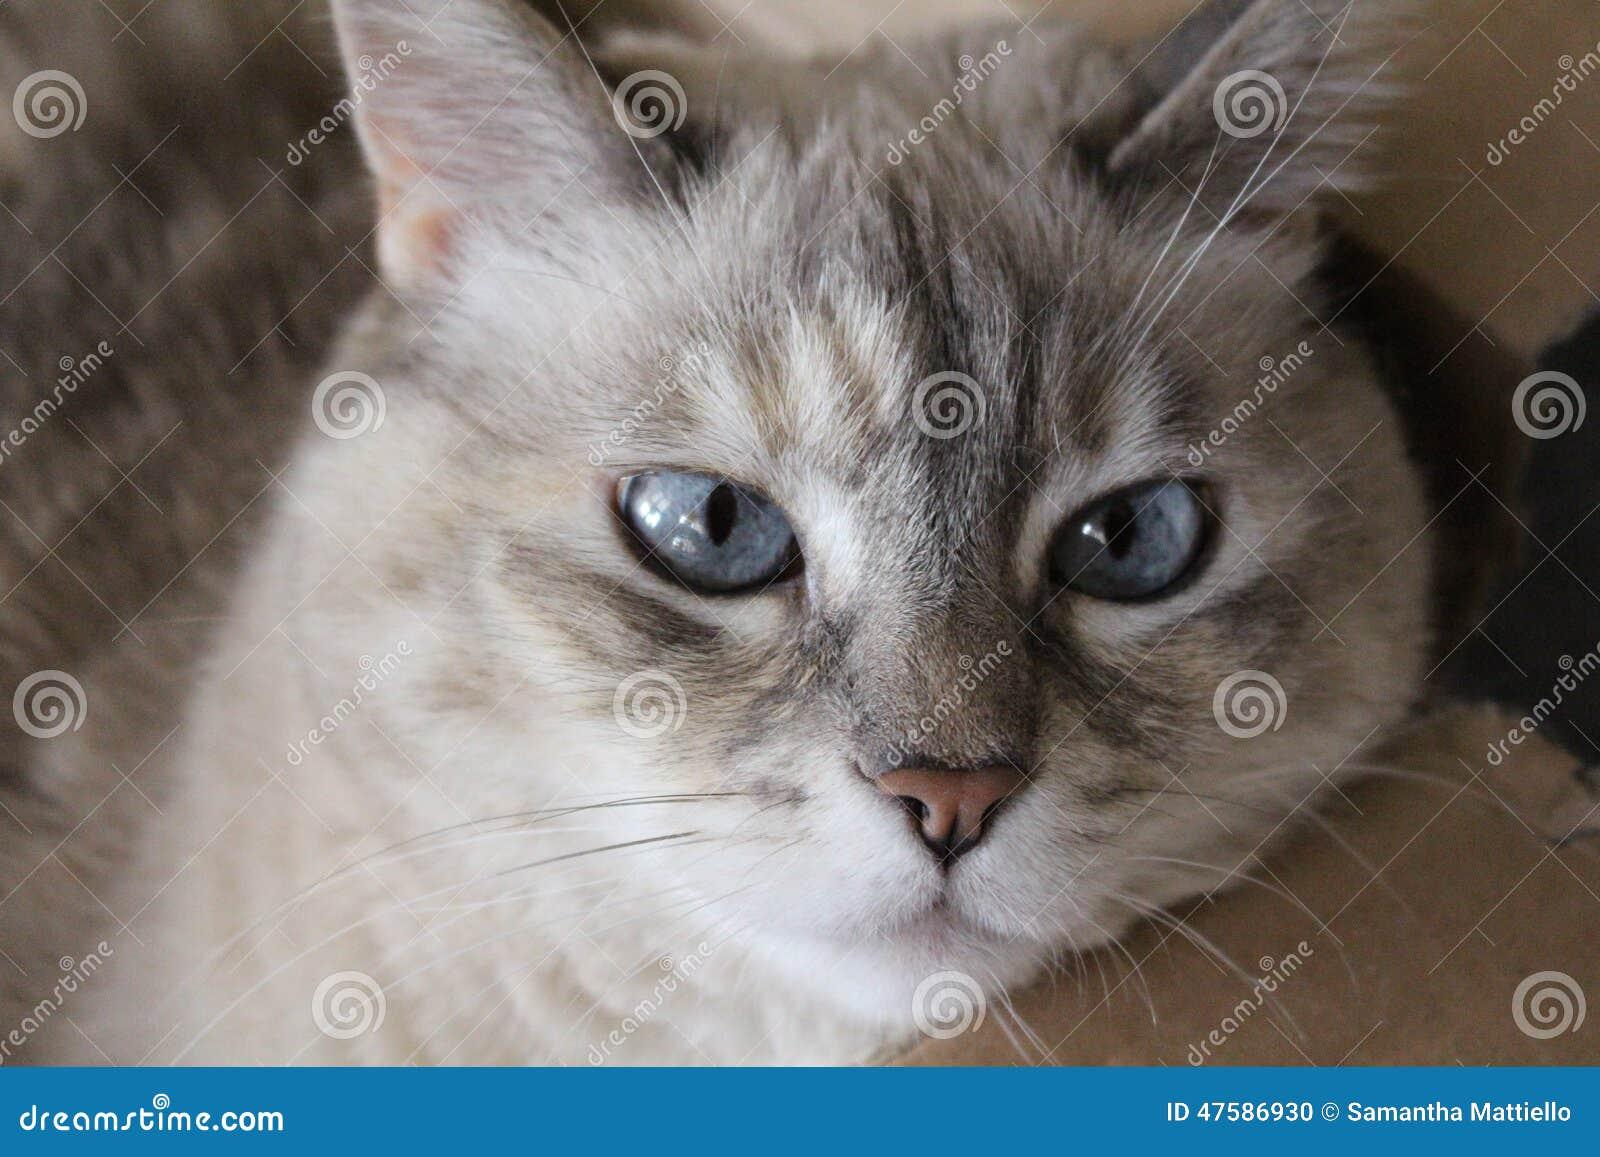 les yeux bleus d 39 un chat siamois photo stock image 47586930. Black Bedroom Furniture Sets. Home Design Ideas